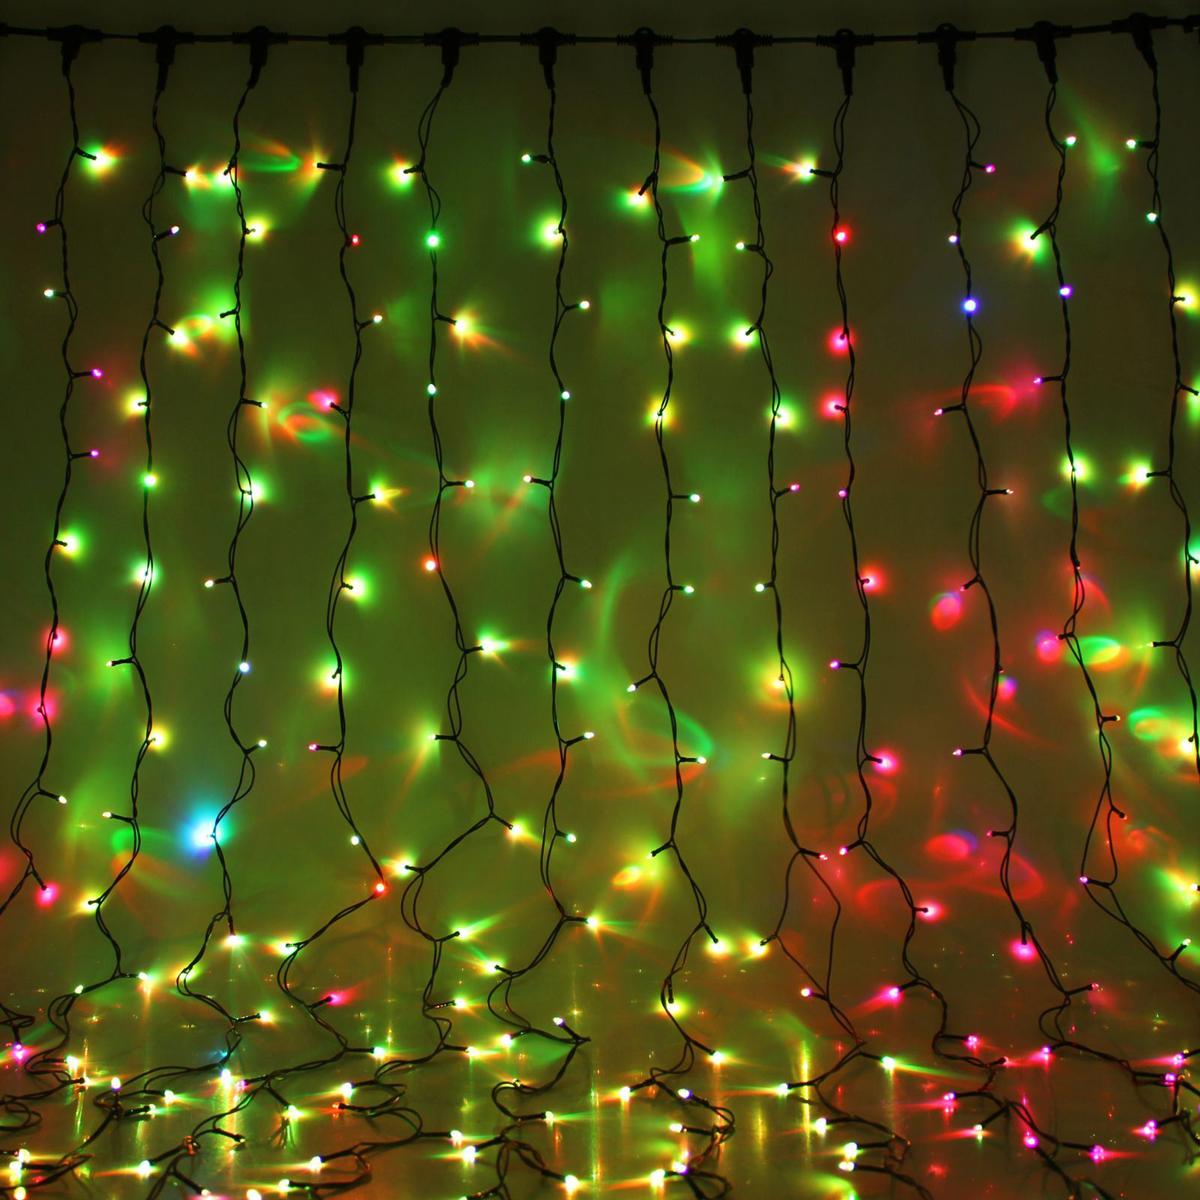 Гирлянда светодиодная Luazon Занавес, цвет: мультиколор, уличная, 760 ламп, 220 V, 2 х 3 м. 10802401080313Гирлянда светодиодная Luazon Занавес - это отличный вариант для новогоднего оформления интерьера или фасада. С ее помощью помещение любого размера можно превратить в праздничный зал, а внешние элементы зданий, украшенные гирляндой, мгновенно станут напоминать очертания сказочного дворца. Такое украшение создаст ауру предвкушения чуда. Деревья, фасады, витрины, окна и арки будто специально созданы, чтобы вы украсили их светящимися нитями.